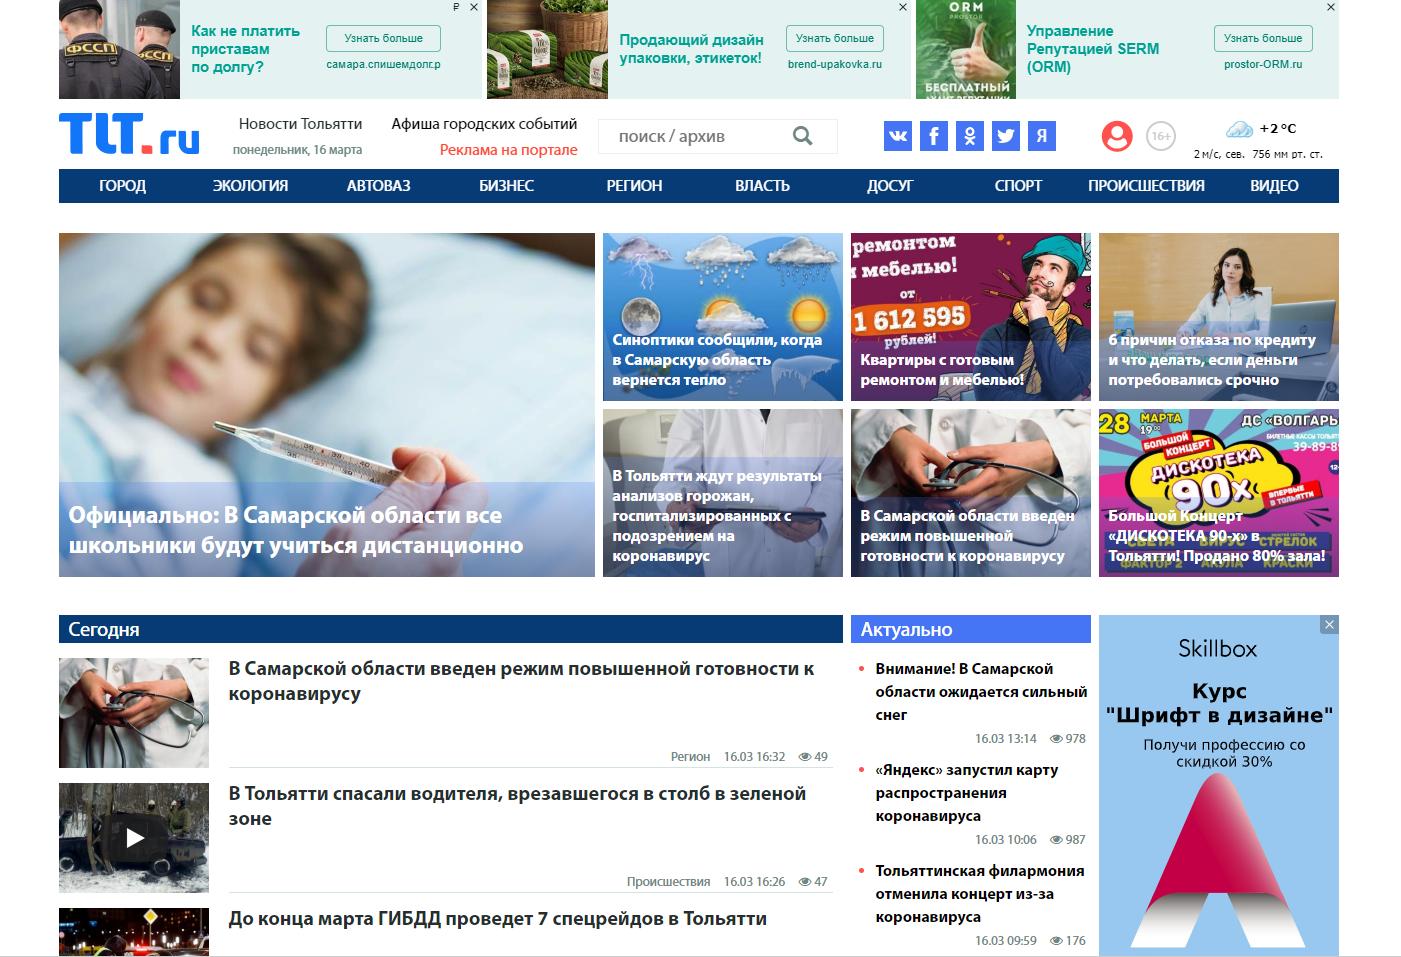 Вид старой версии дизайна главной страницы портала TLT.ru